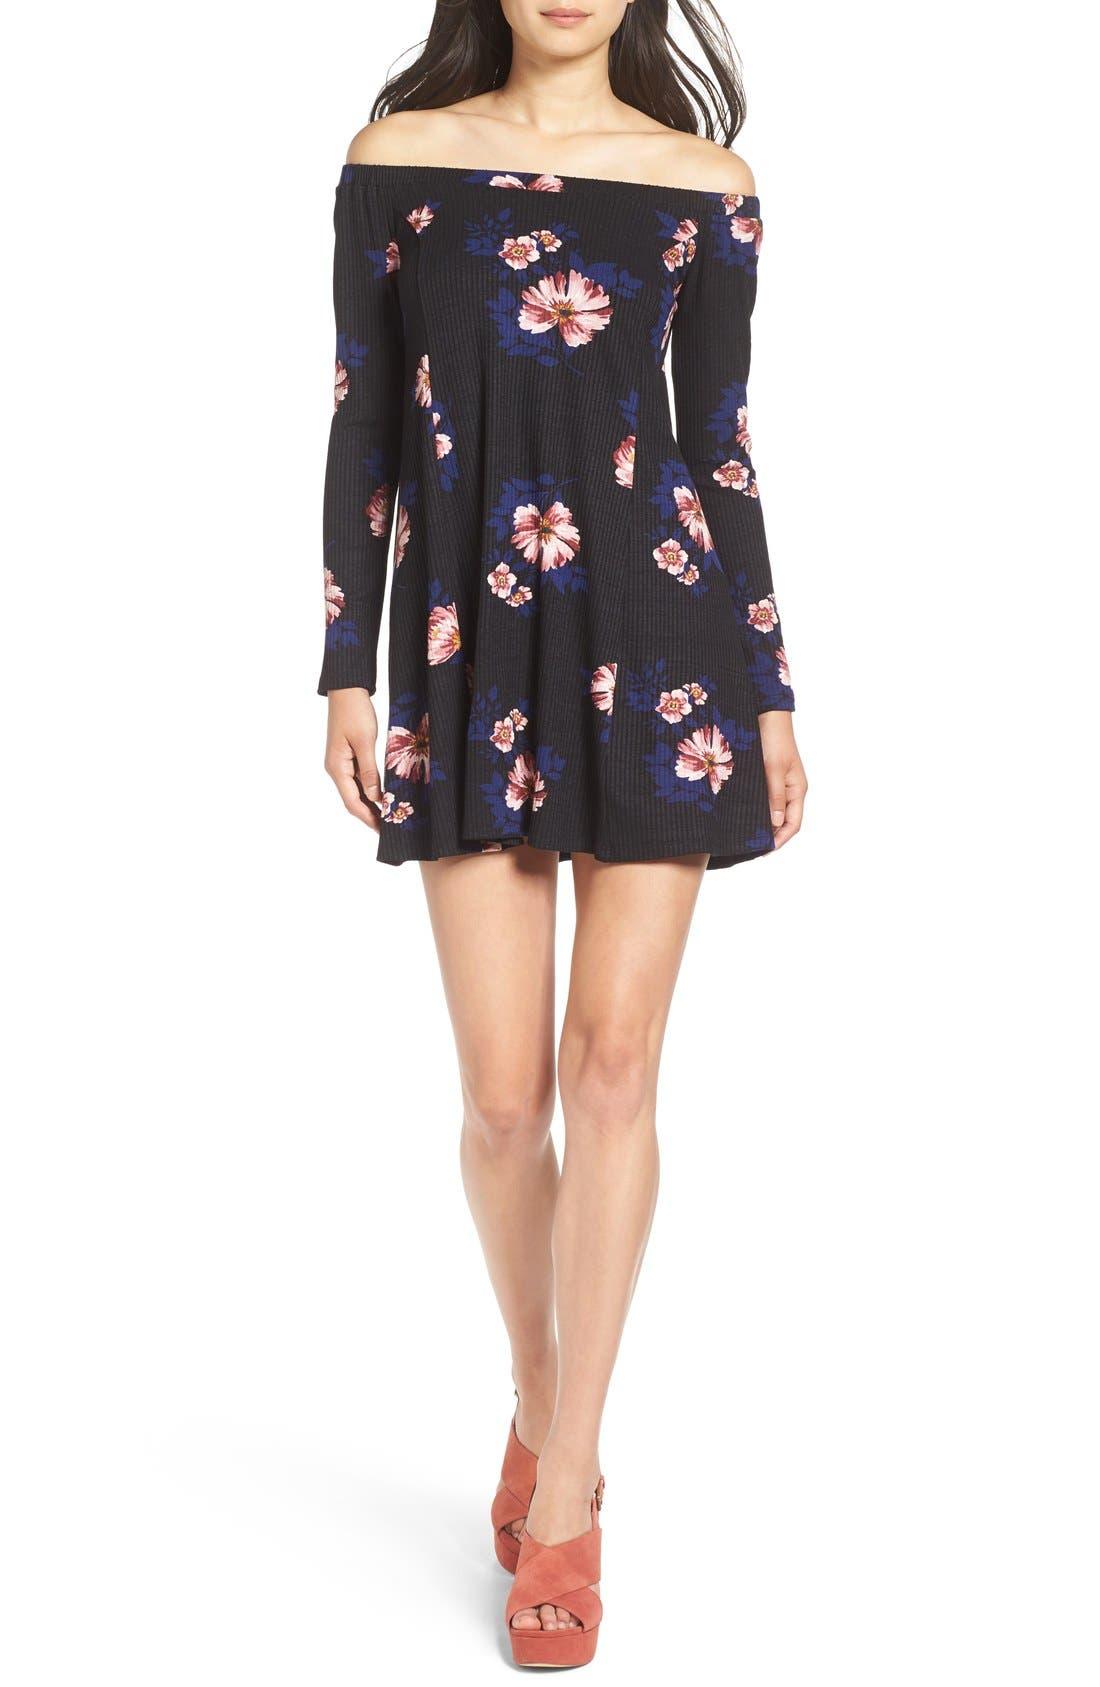 Alternate Image 1 Selected - Lush Off the Shoulder Floral Print Dress